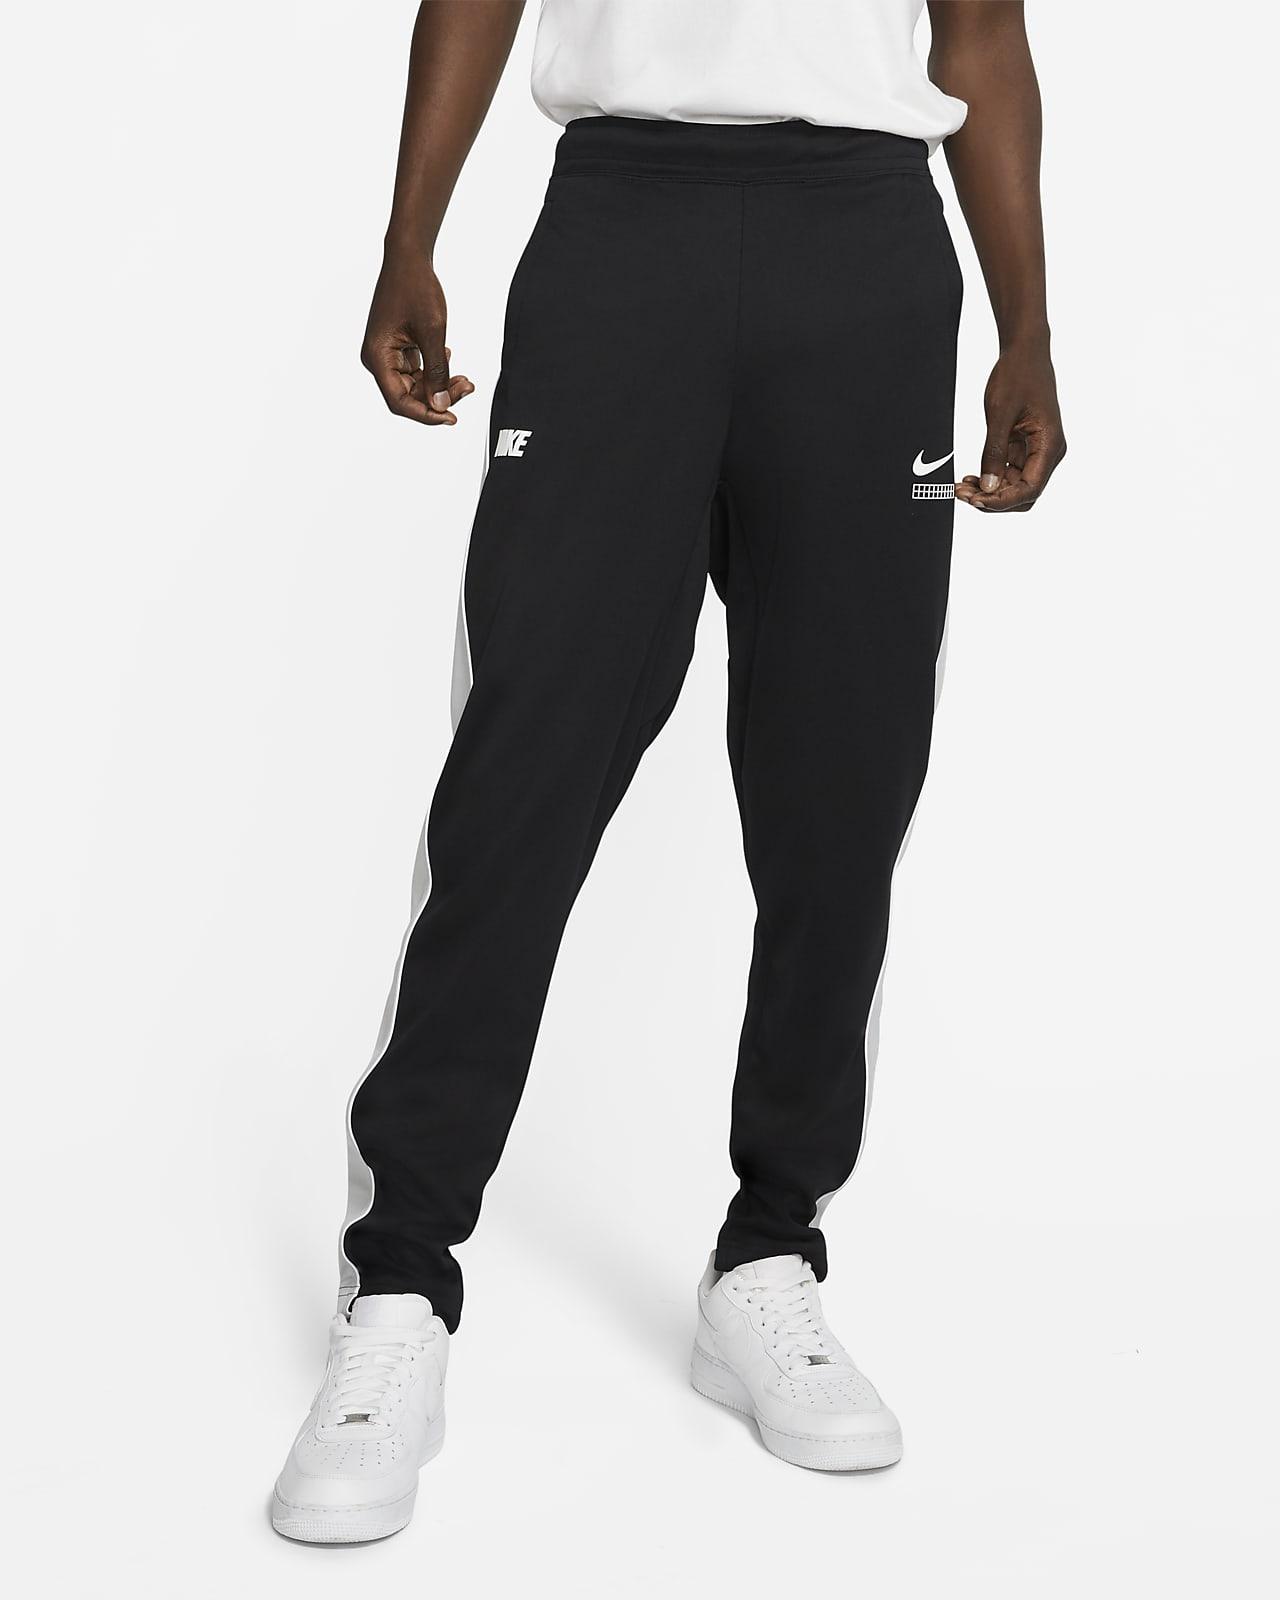 Calças Nike Sportswear DNA para homem